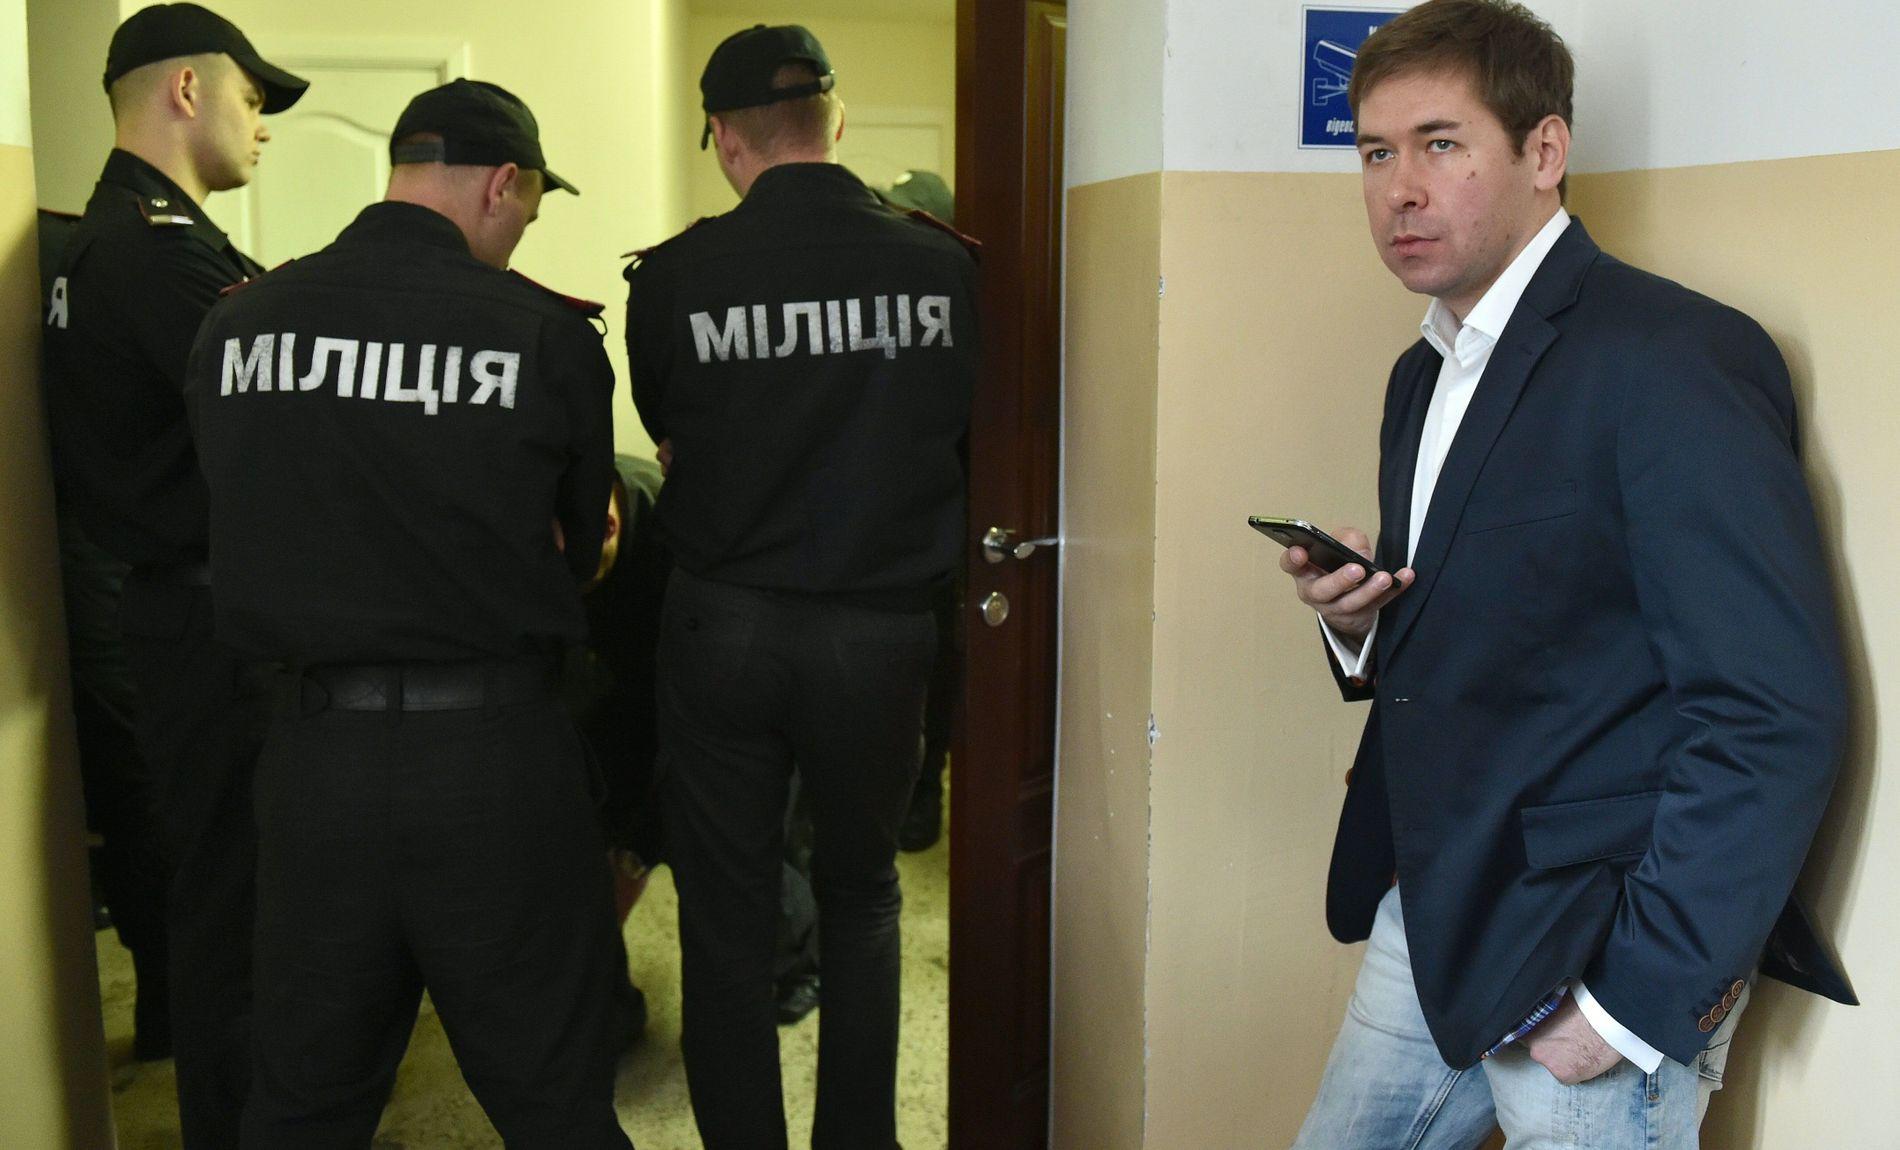 I RETTEN: Ilja Novikov (t.h.) er her fotografert i en pause i rettssak i Kiev, der to russiske soldater ble dømt. Dette gjorde det senere mulig å gjøre en fangeutveksling, som gjorde at hans ukrainske klient Nadija Savtsjenko, kunne komme tilbake til hjemlandet.